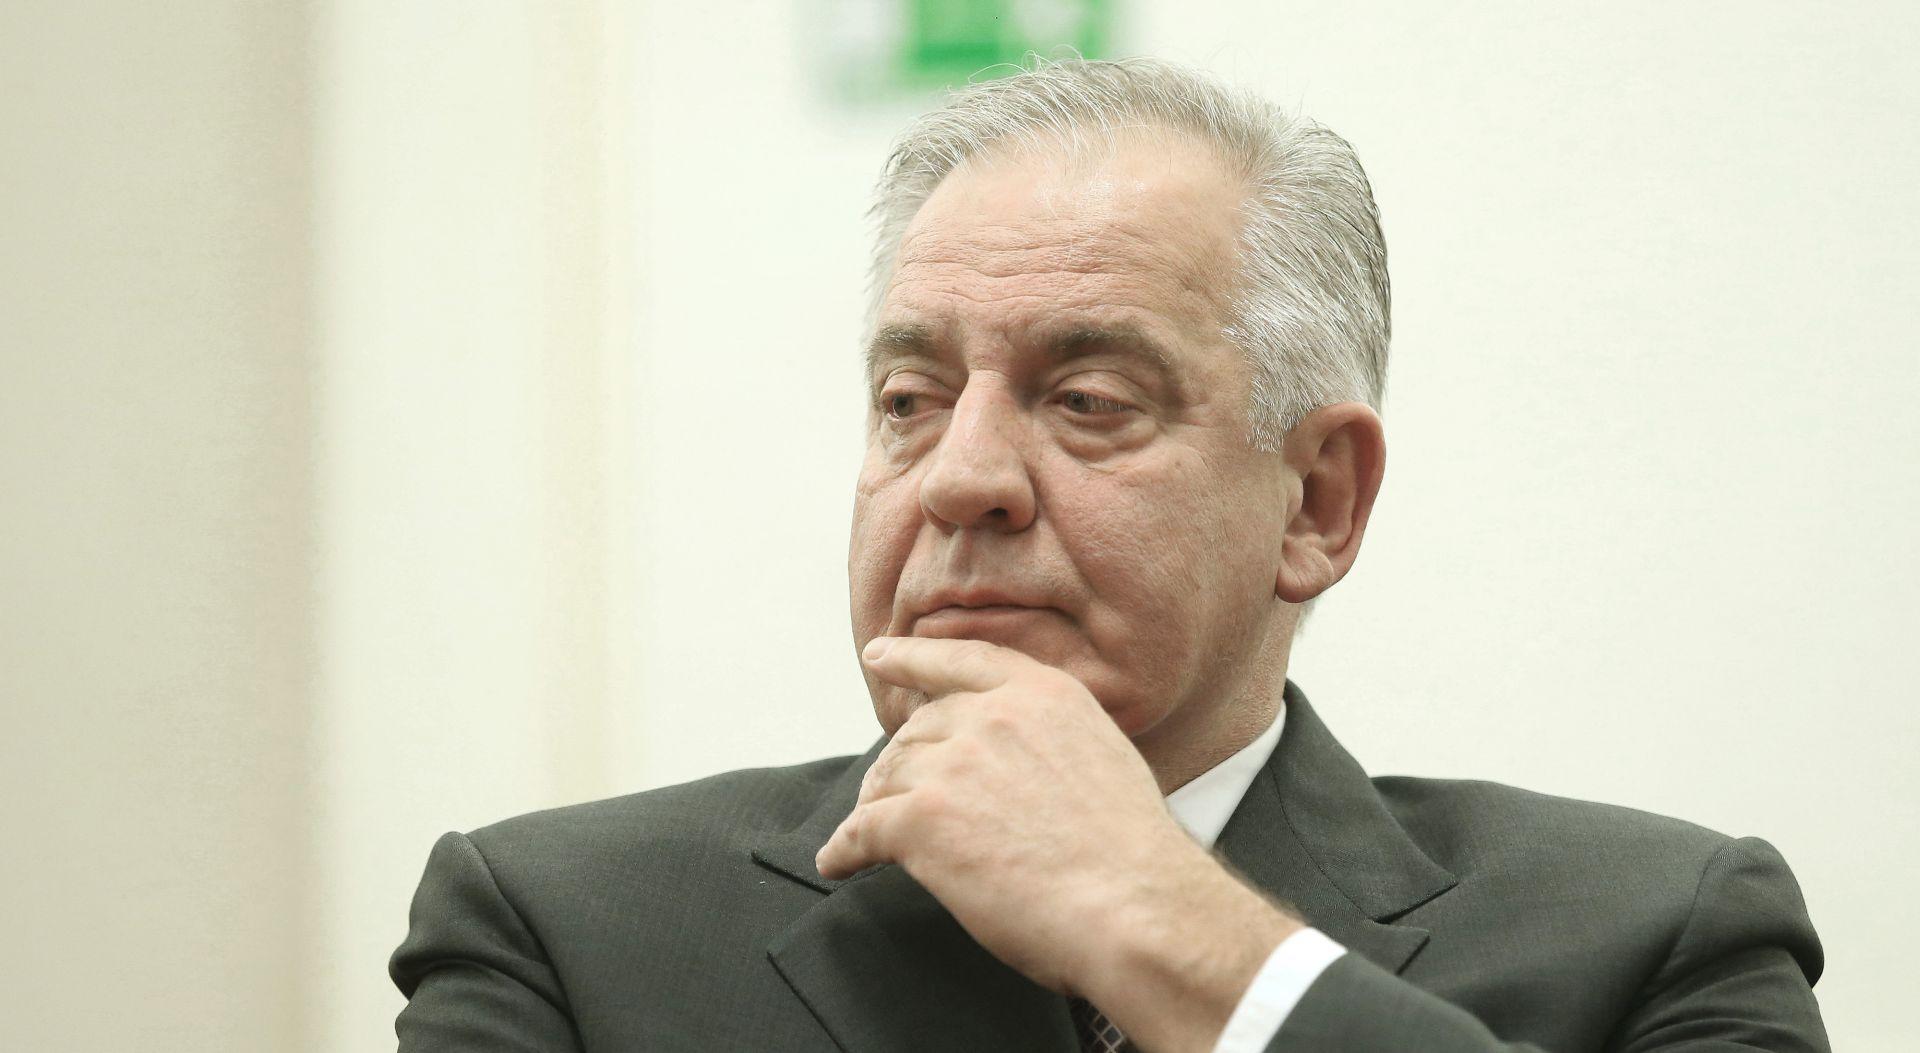 FOTO: SLUČAJ PLANINSKA Sanader i ostali optuženici proglašeni krivima, bivšem premijeru 4 i pol godine zatvora